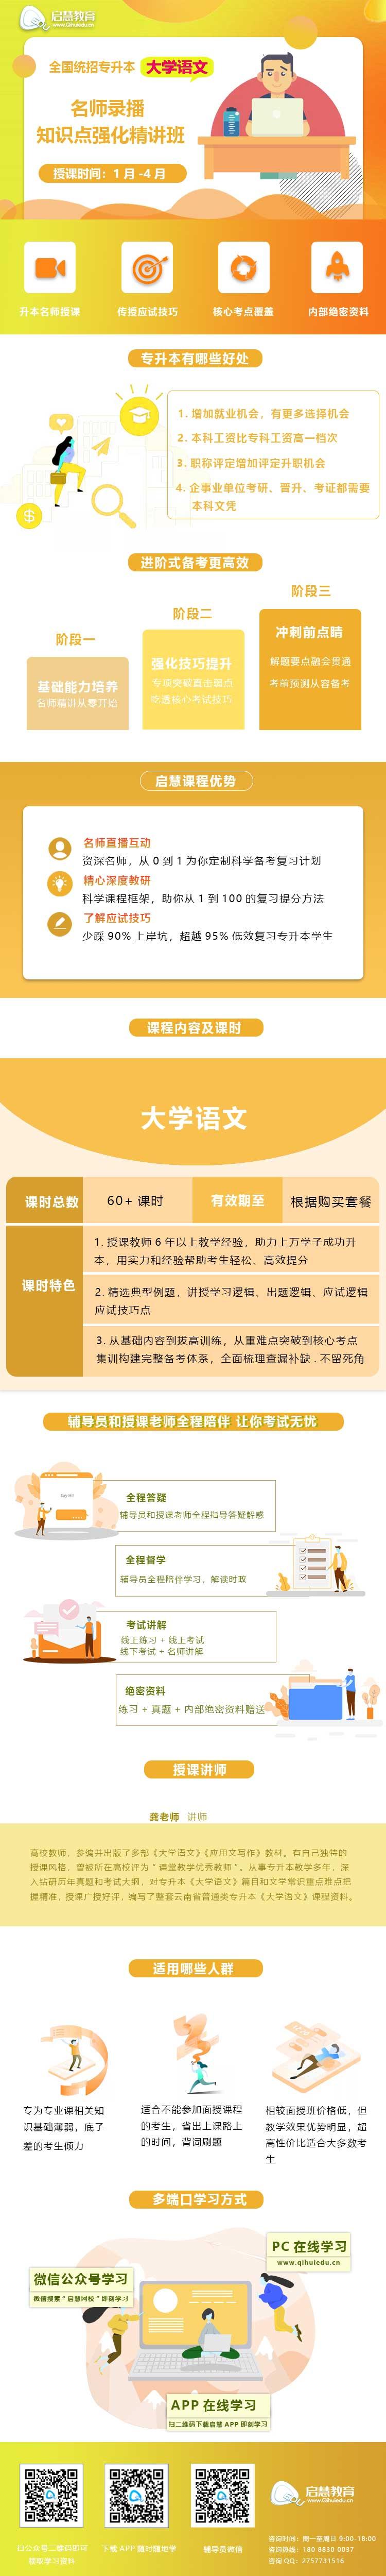 2021年云南统招专升本精讲课《大学语文》